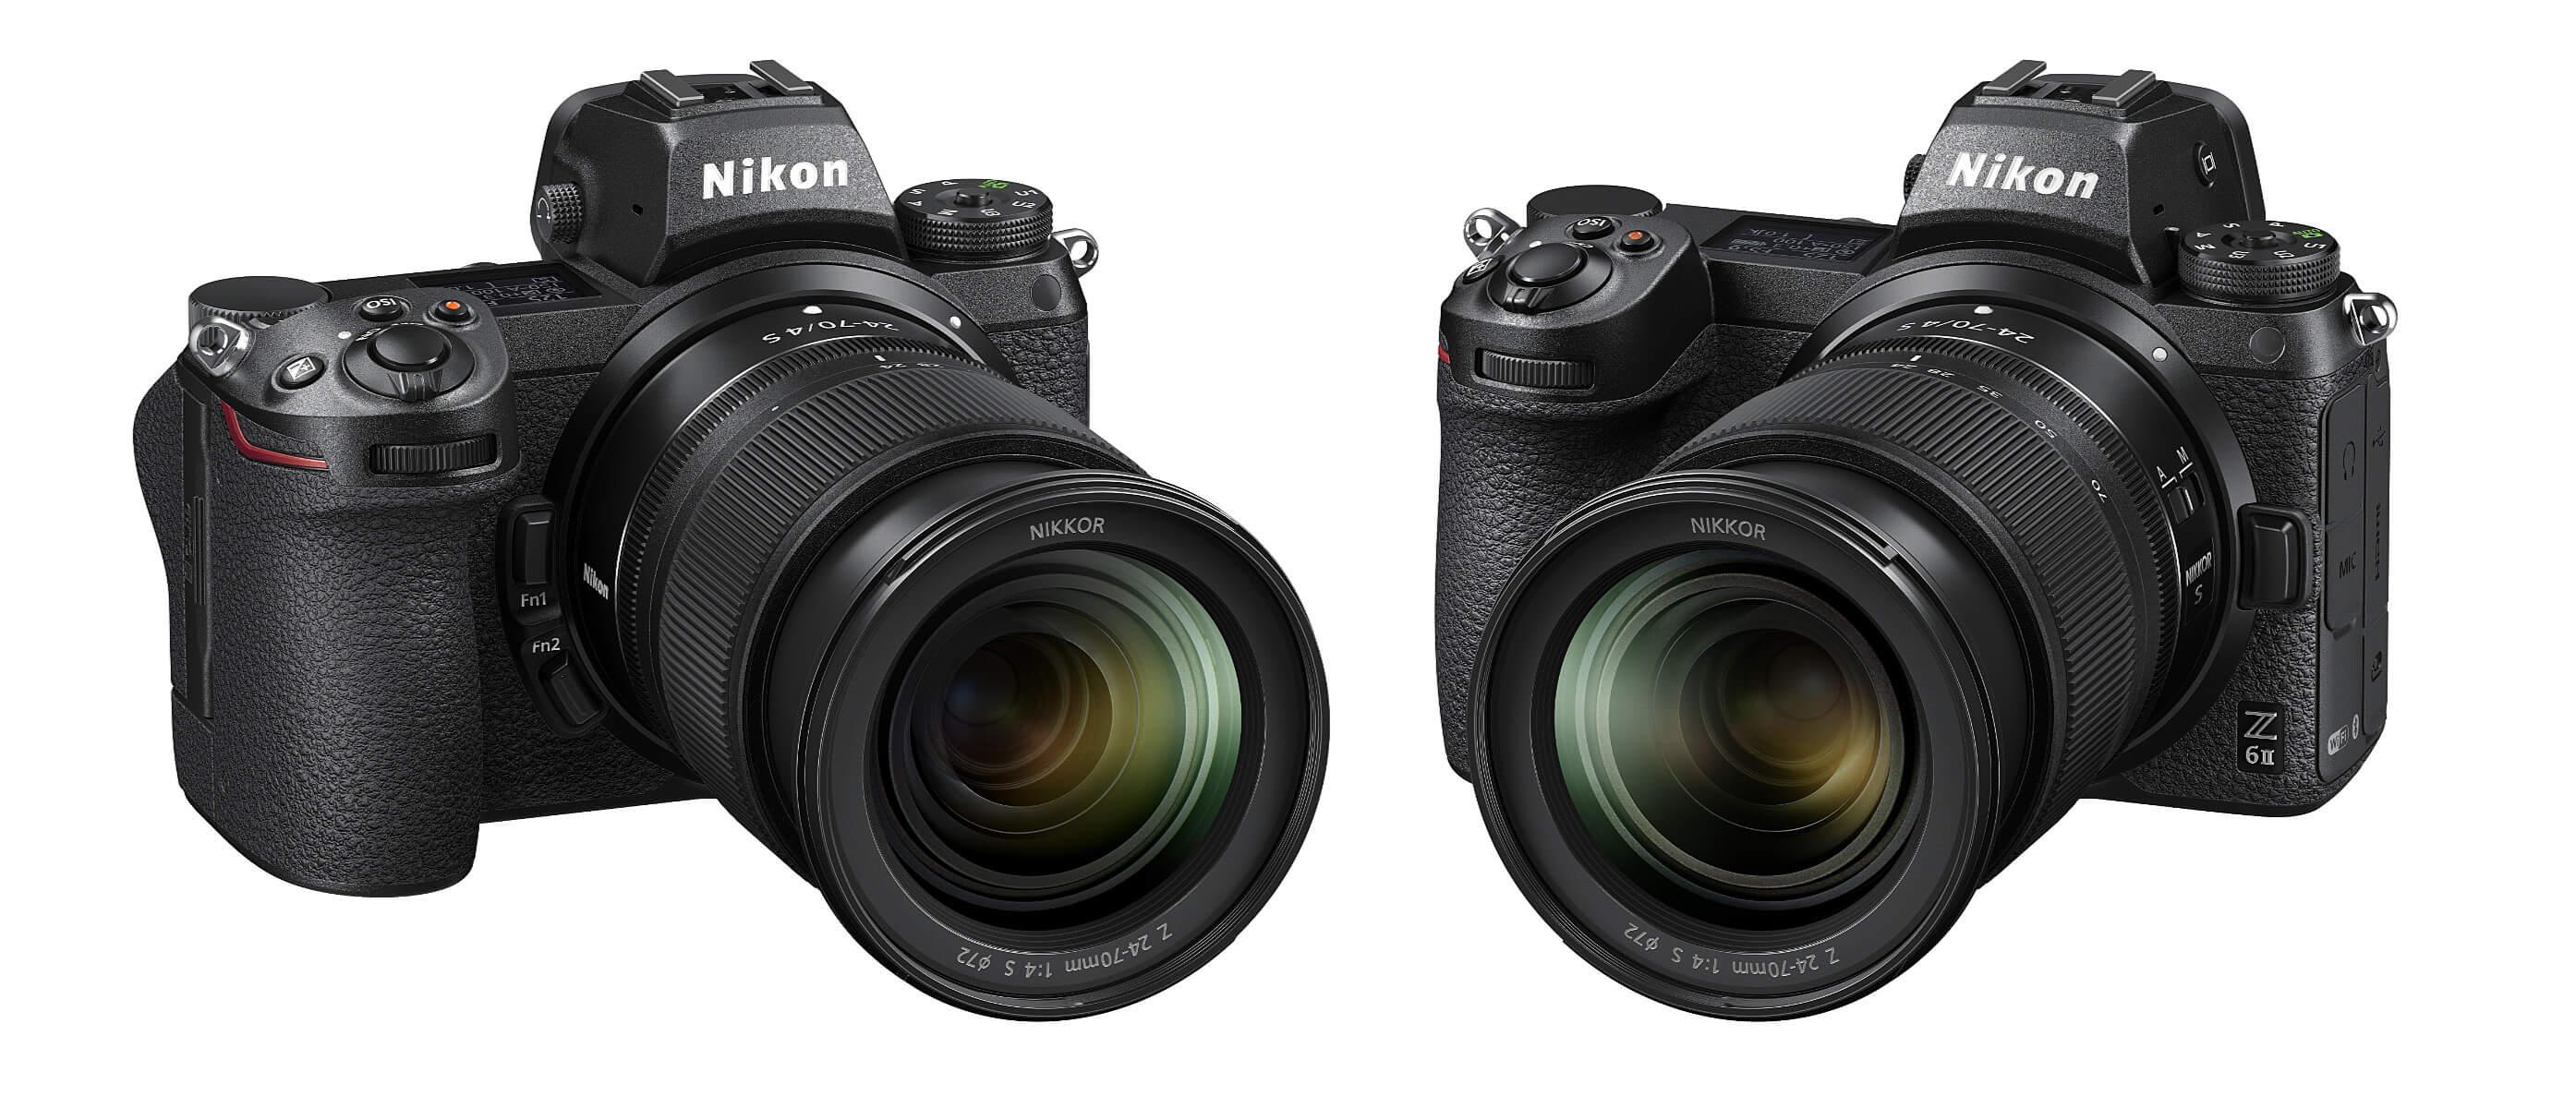 Nikon Z 6II |TIPA World Awards 2021 – Best Full Frame Camera Advanced Nikon Z 7II |TIPA World Awards 2021 – Best Full Frame Camera Expert